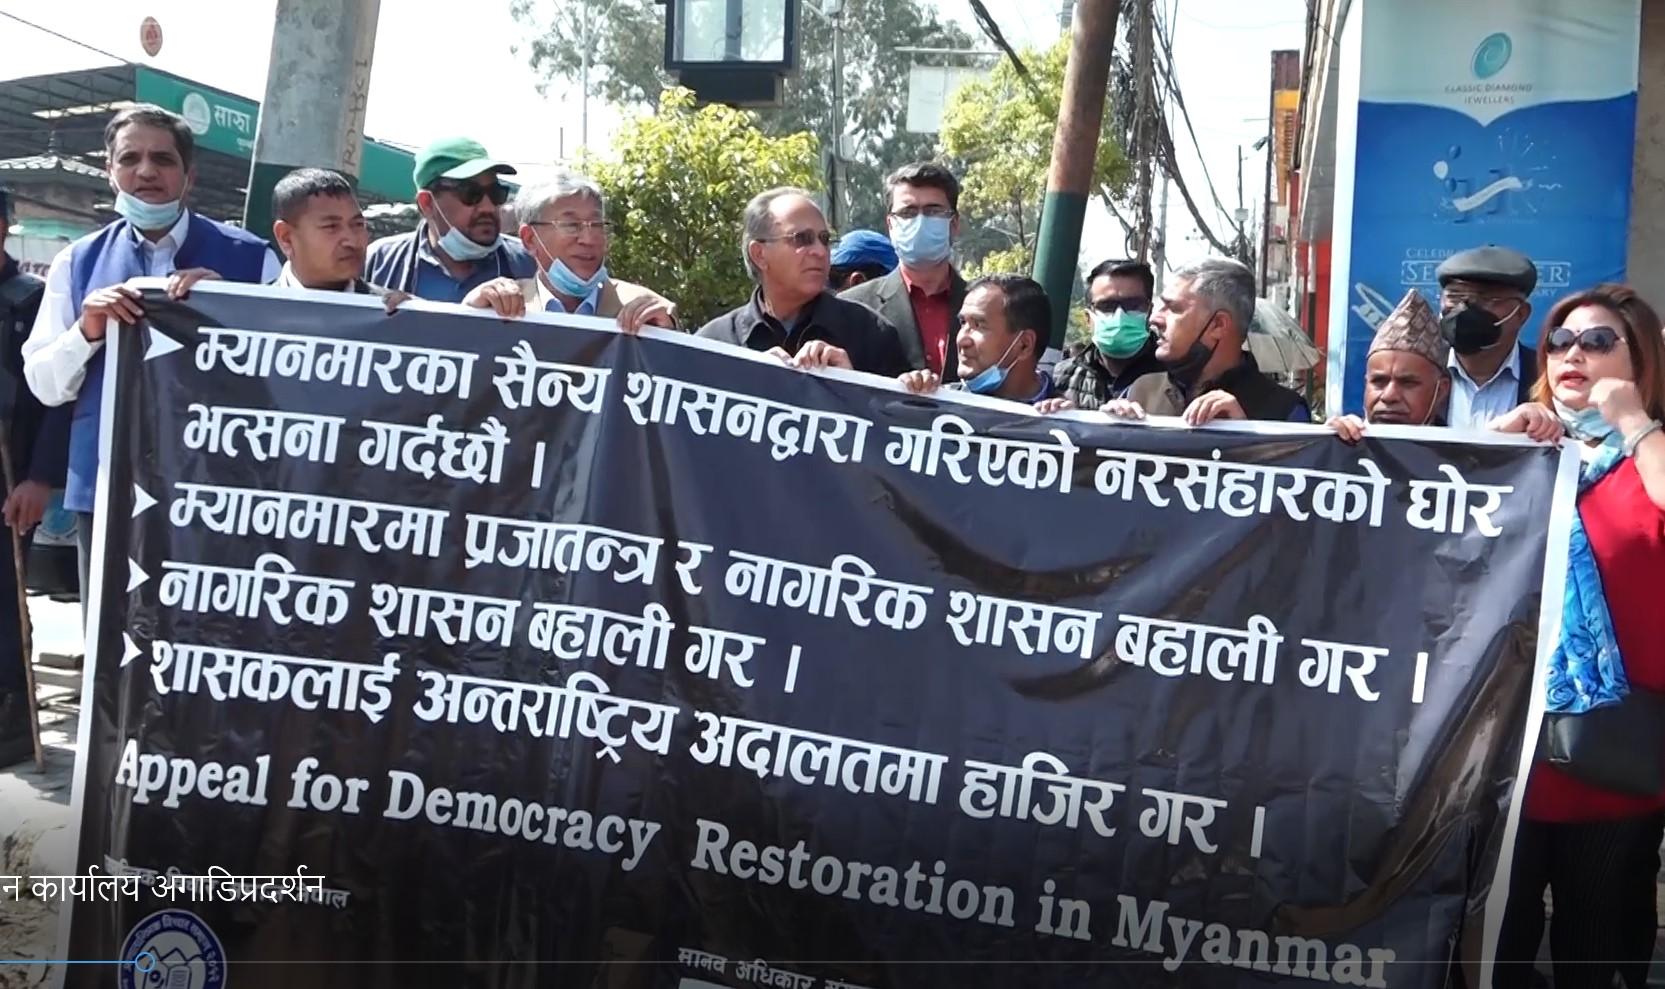 म्यानमारकाे सैनिक दमनविरुद्ध  पुल्चोकमा प्रदर्शन